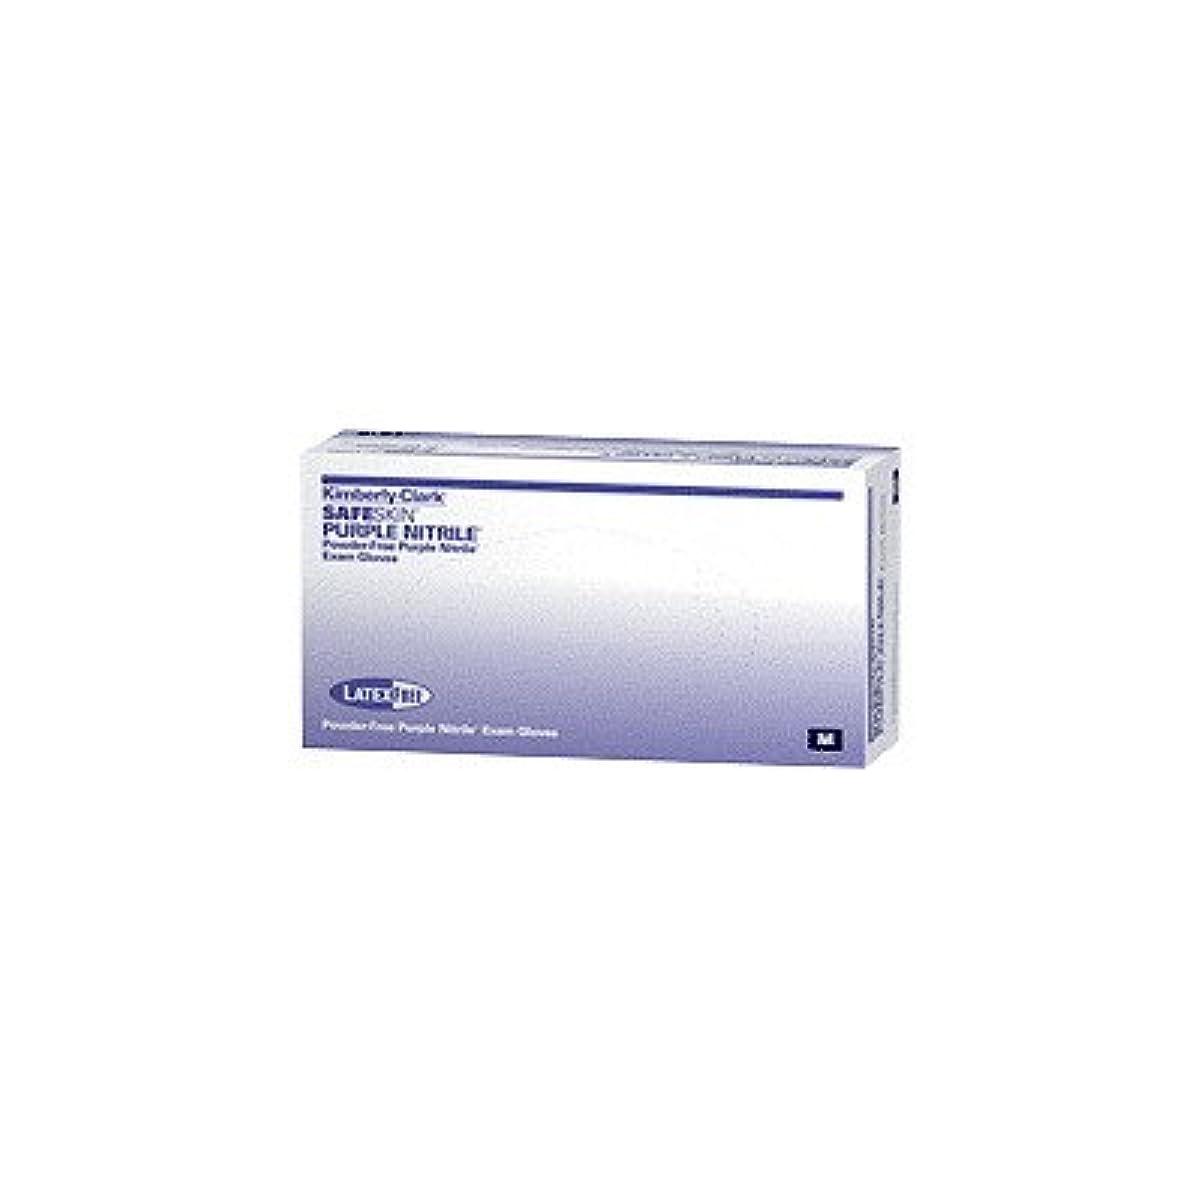 ラダ観客ブリリアントKimberly-Clark Professional Safeskin Nitrile-XTRA Nitrile Exam Gloves Small Purple, 12 L, 80mm W, Powder-free, Latex-free (Box of 100 Each) by Kimberly-Clark Professional